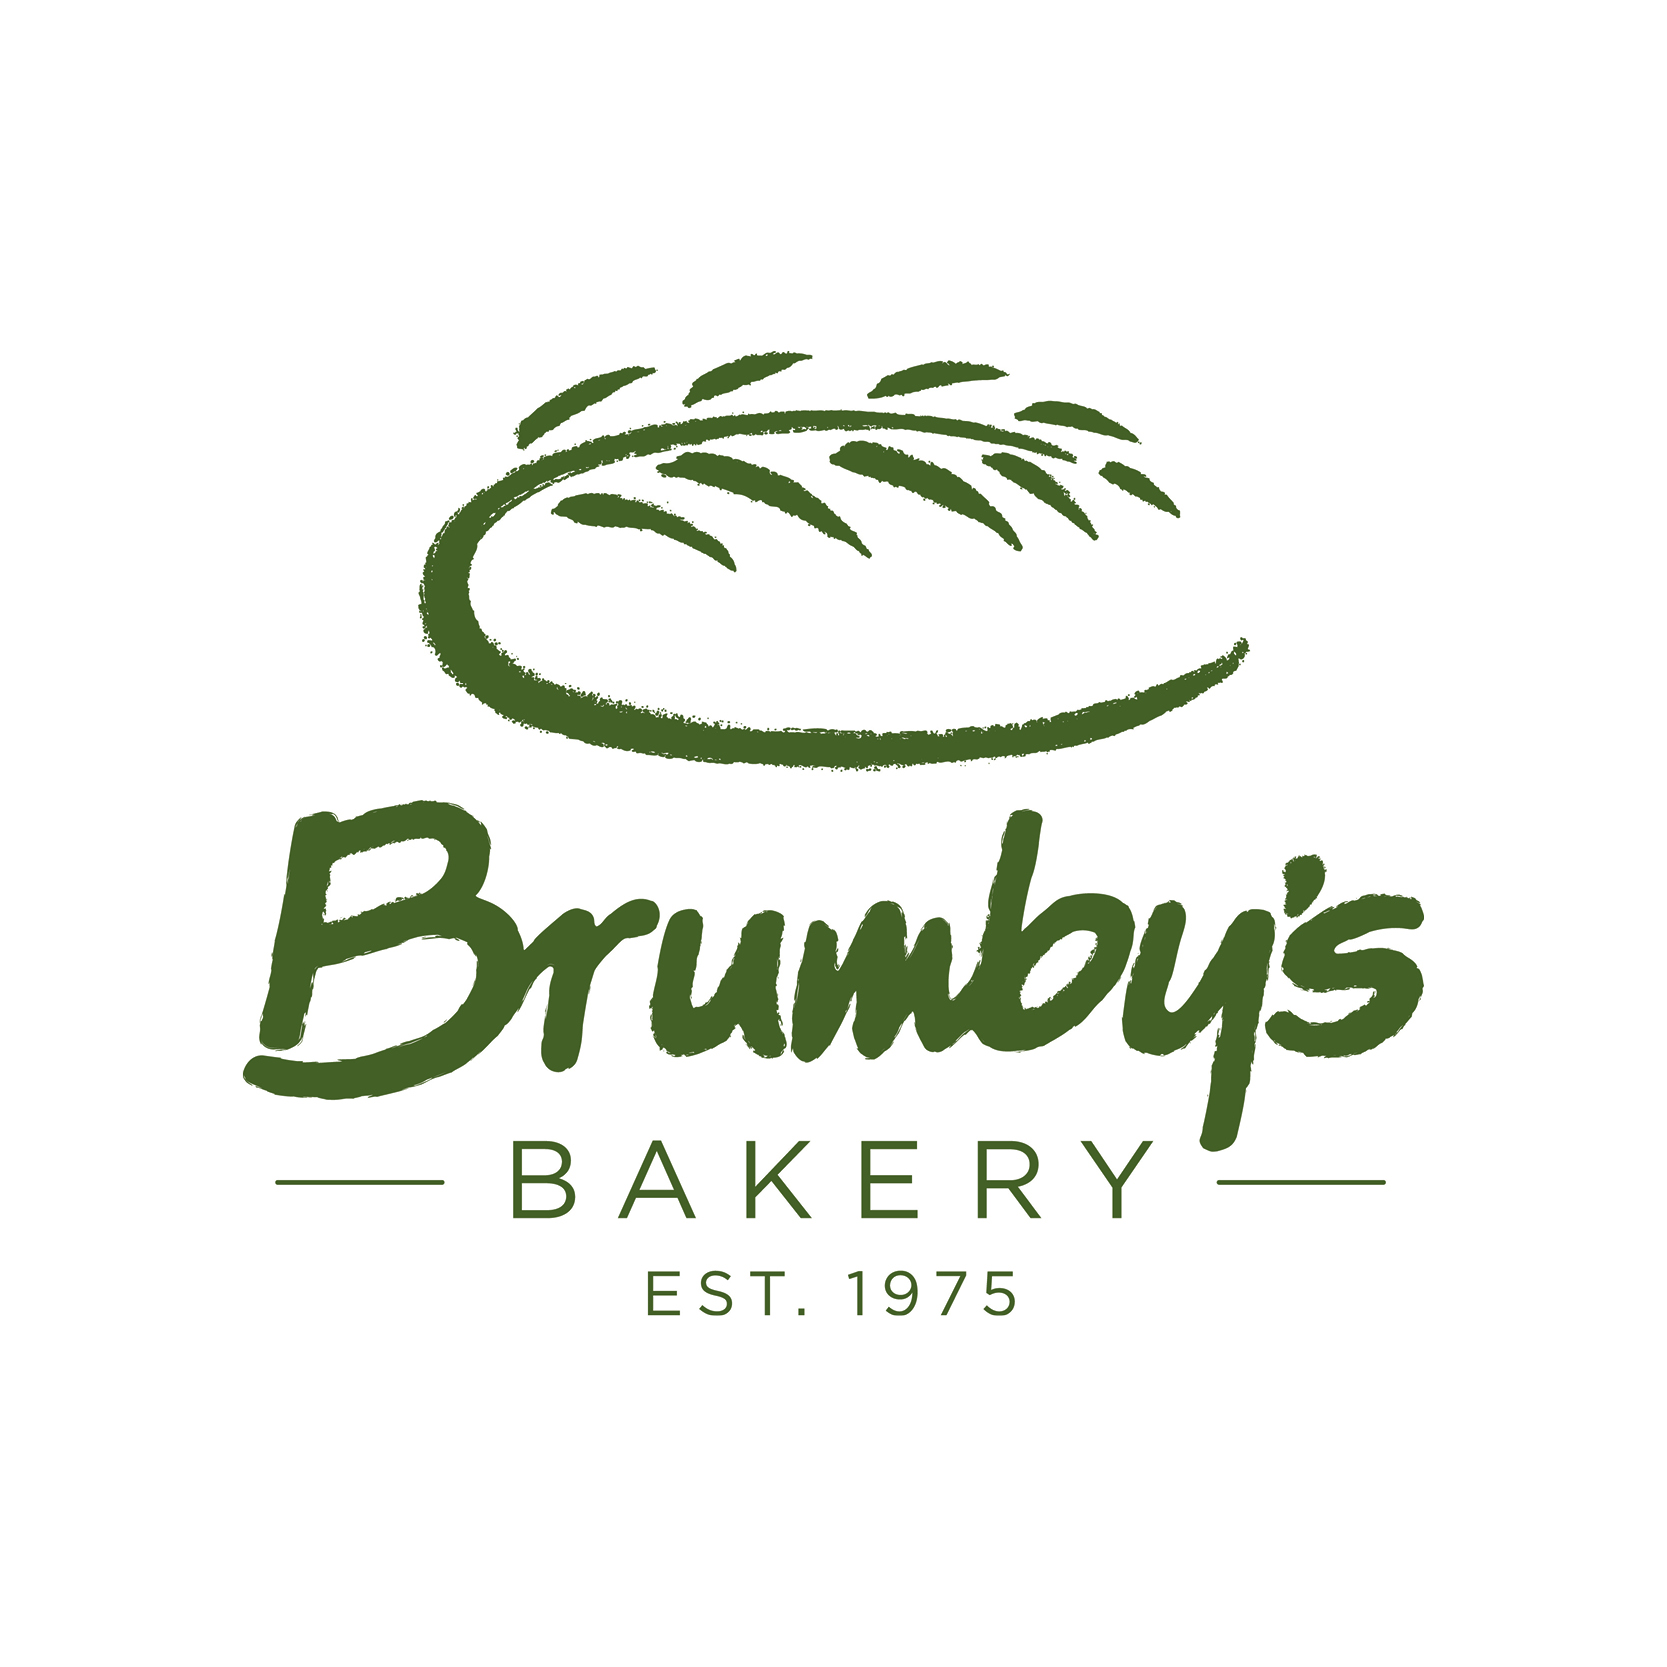 Brumbys Bakery